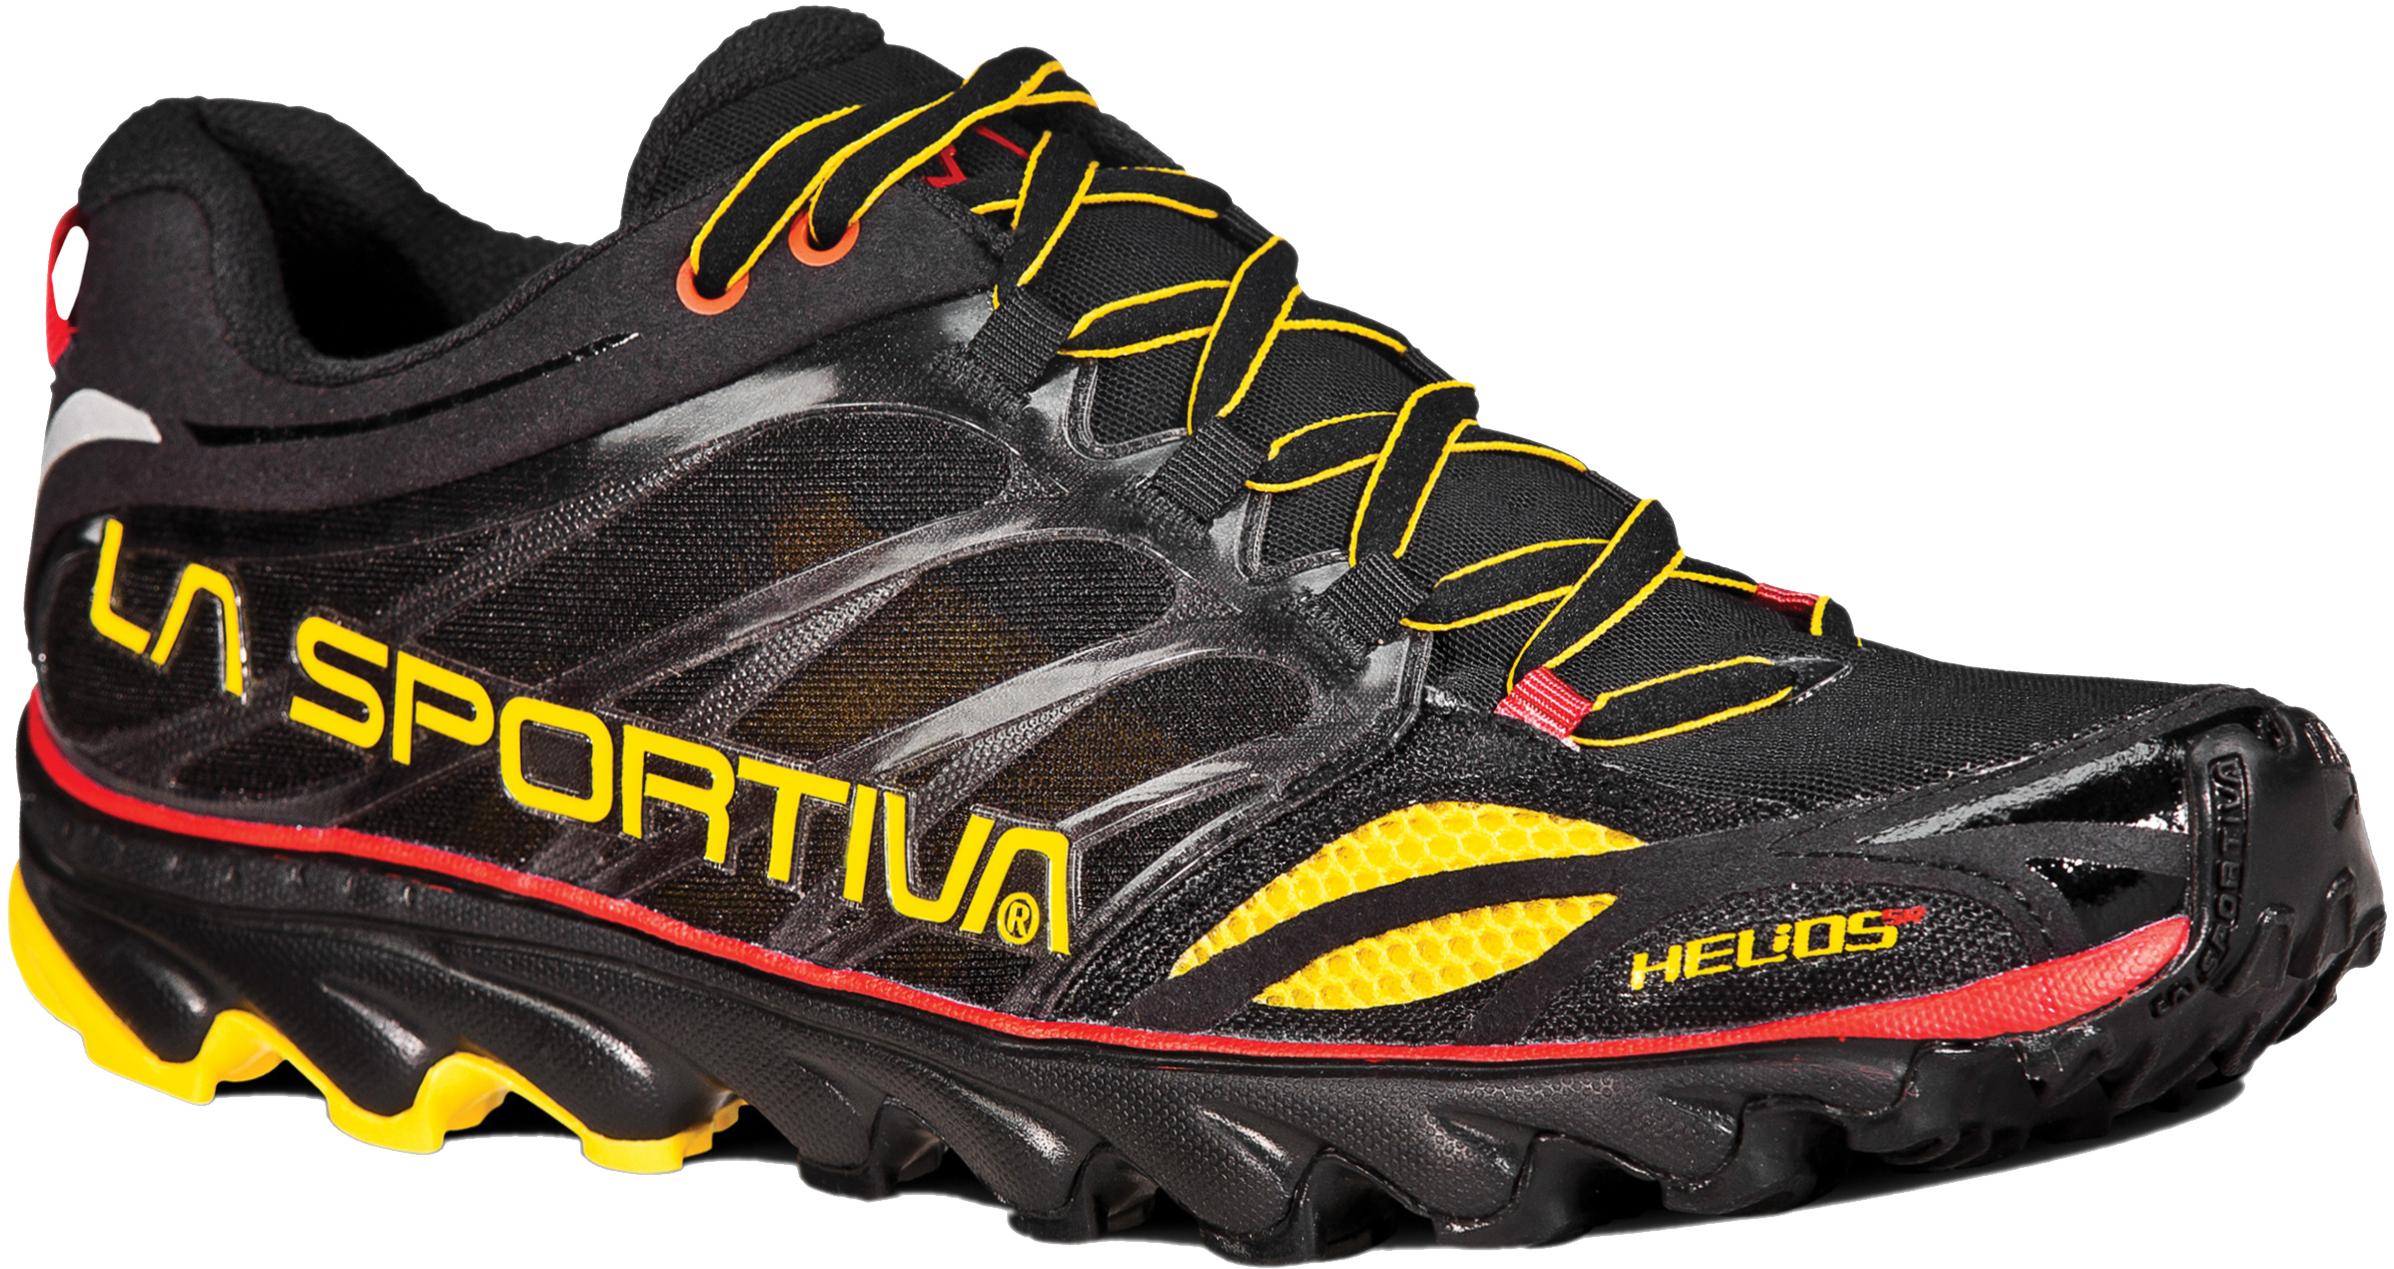 faeaee3b8370 La Sportiva Helios SR Trail Running Shoes - Men s